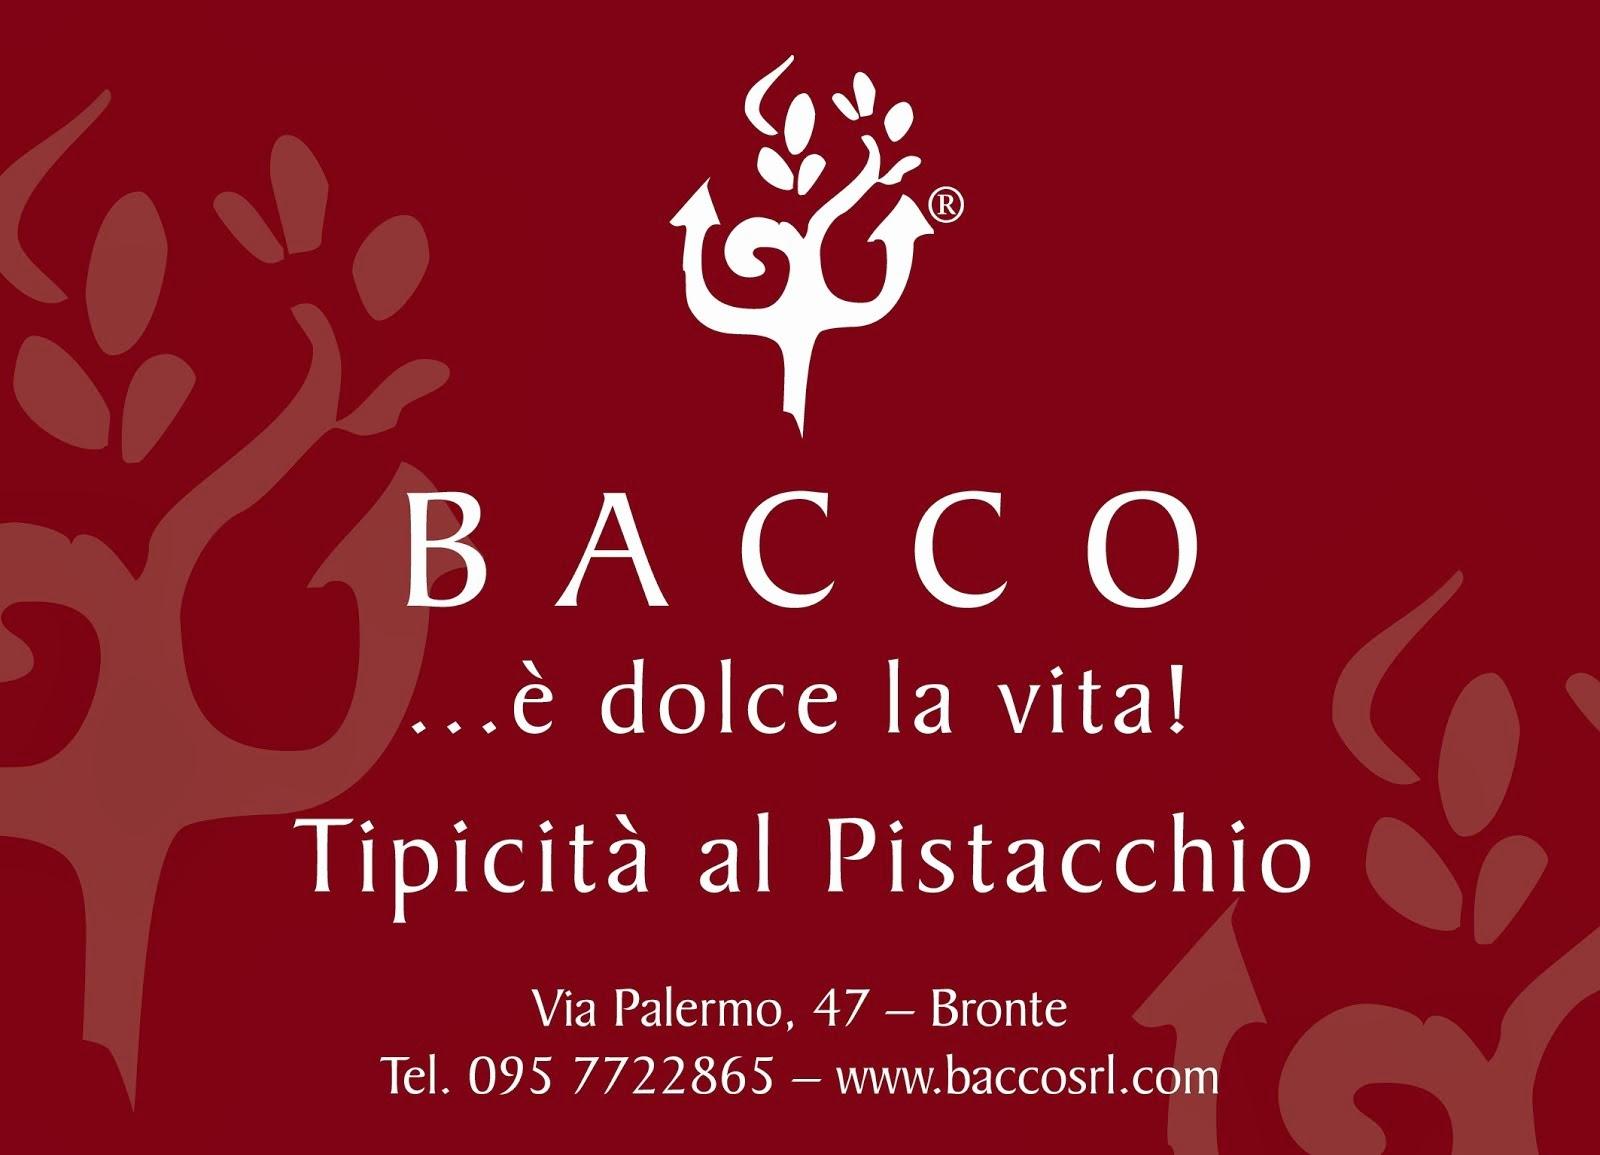 Bacco specialità al pistacchio